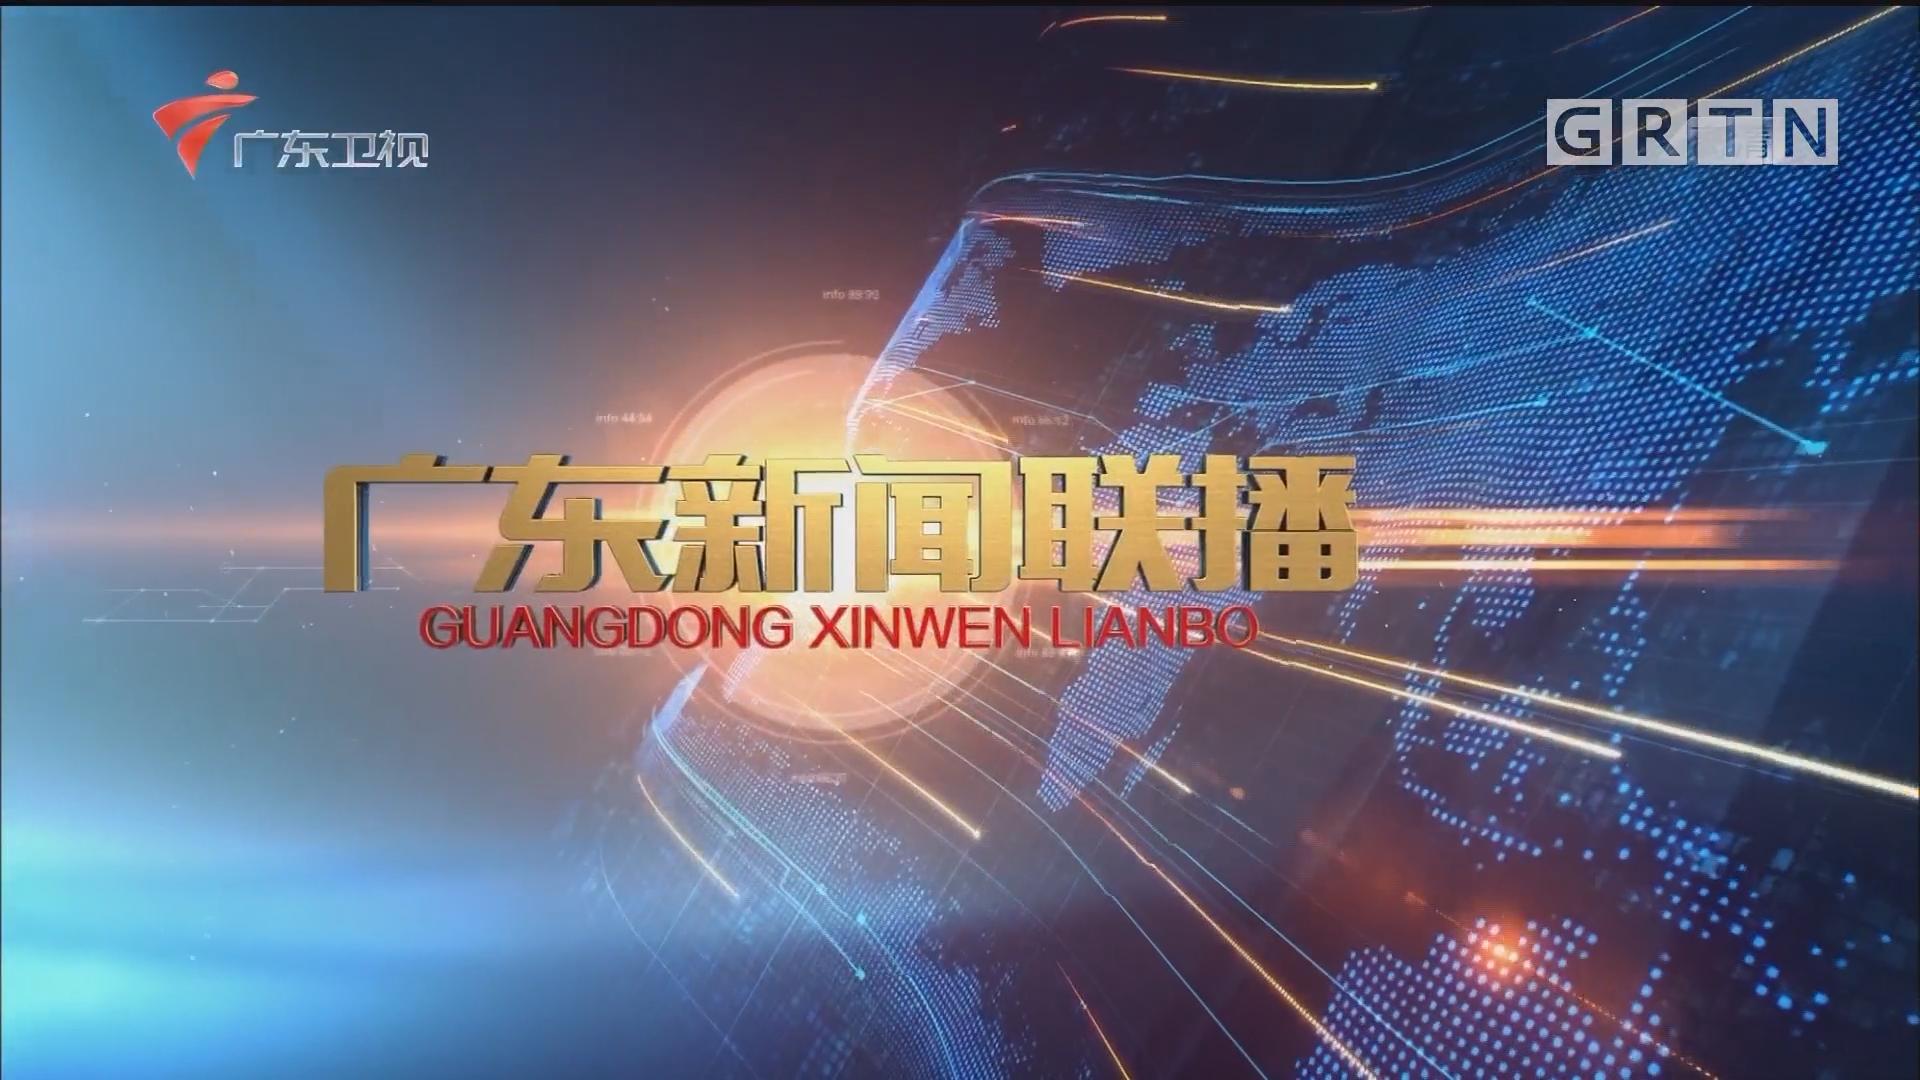 [HD][2017-10-18]广东新闻联播:中国共产党第十九次全国代表大会在京开幕 习近平代表第十八届中央委员会向大会作报告